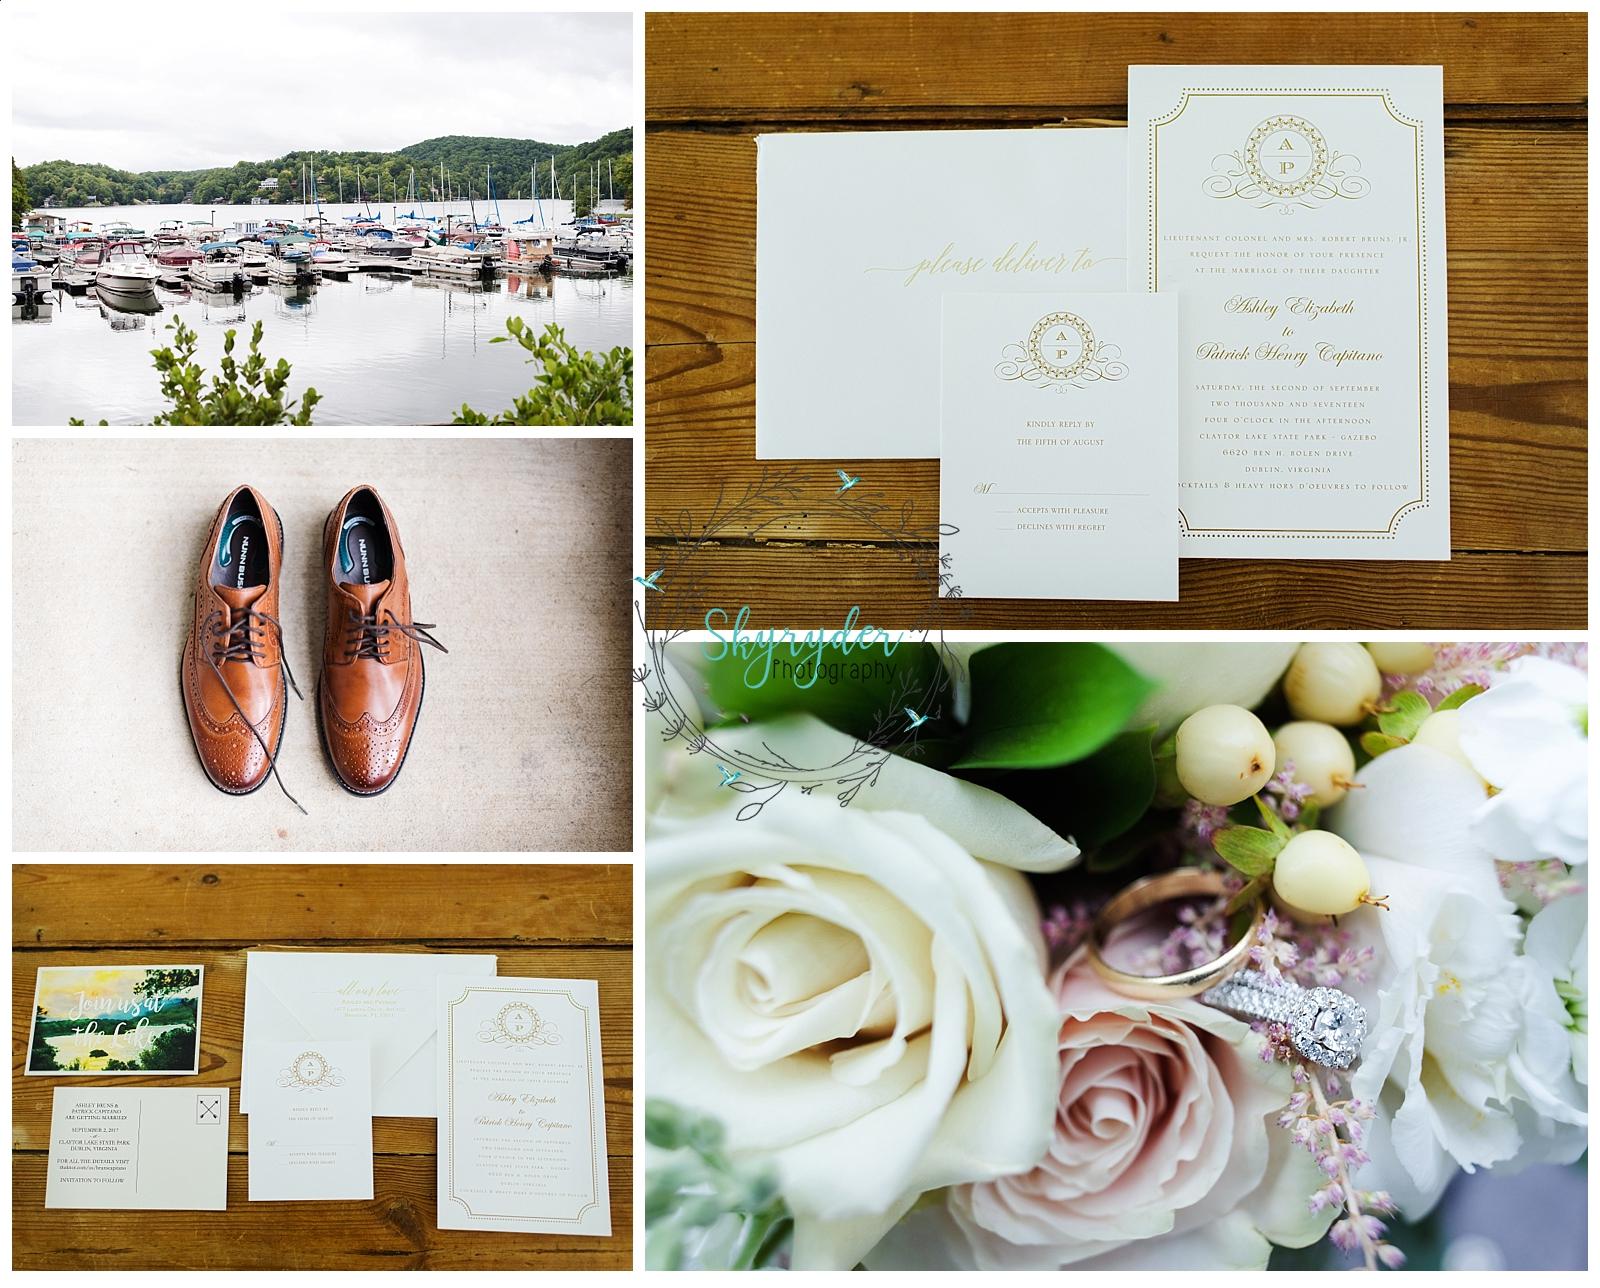 jennifer + todd | Roanoke engagement and wedding photographer